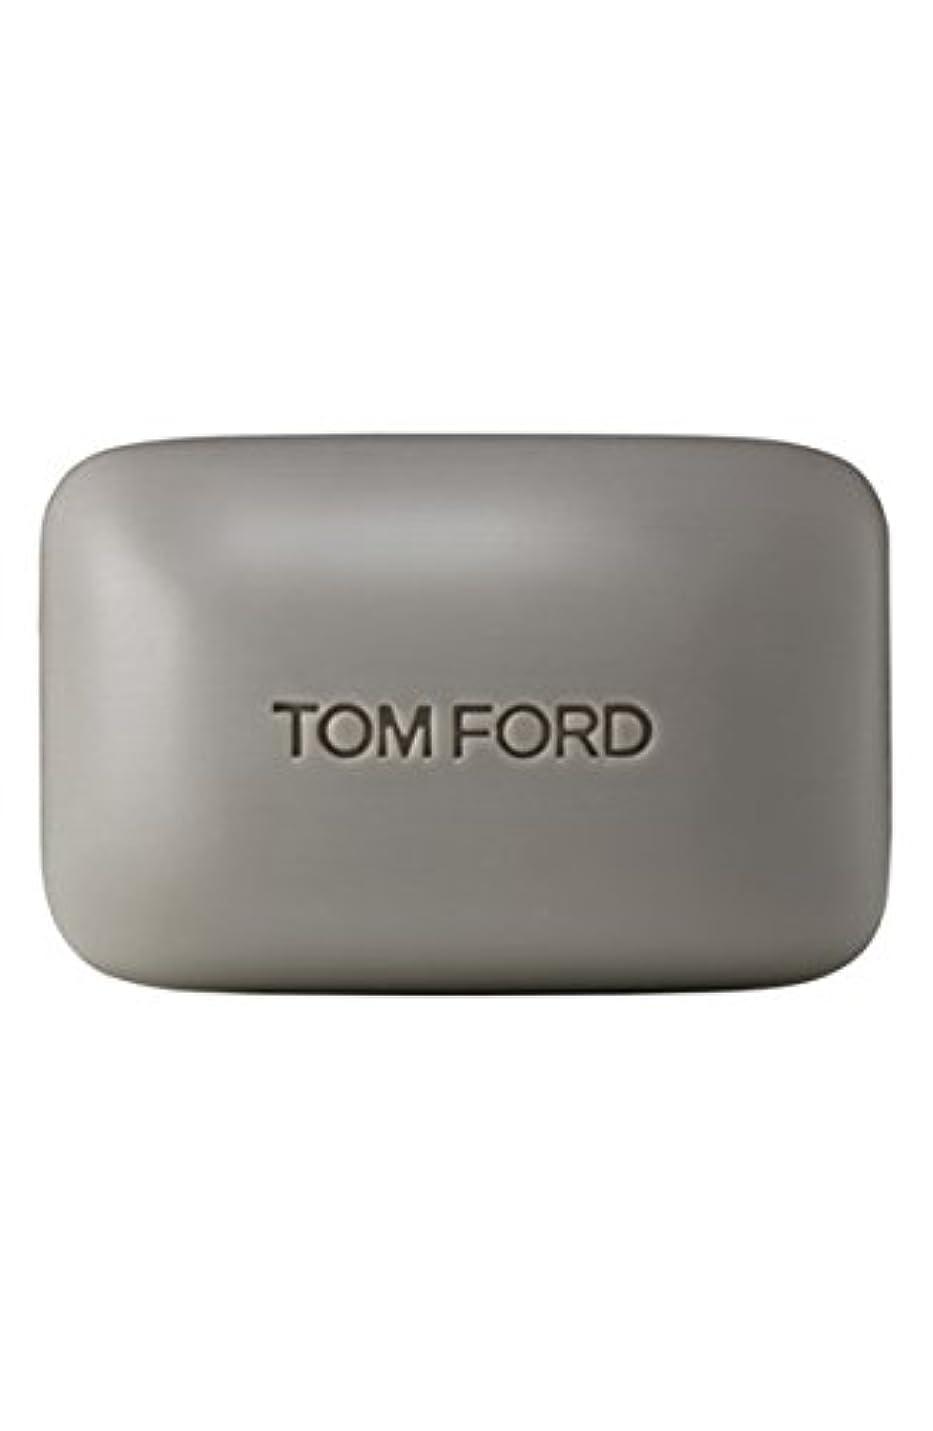 瞑想するフレットドラッグTom Ford Private Blend 'Oud Wood' (トムフォード プライベートブレンド オードウッド) 5.5 oz (165ml) Bar Soap (固形石鹸)